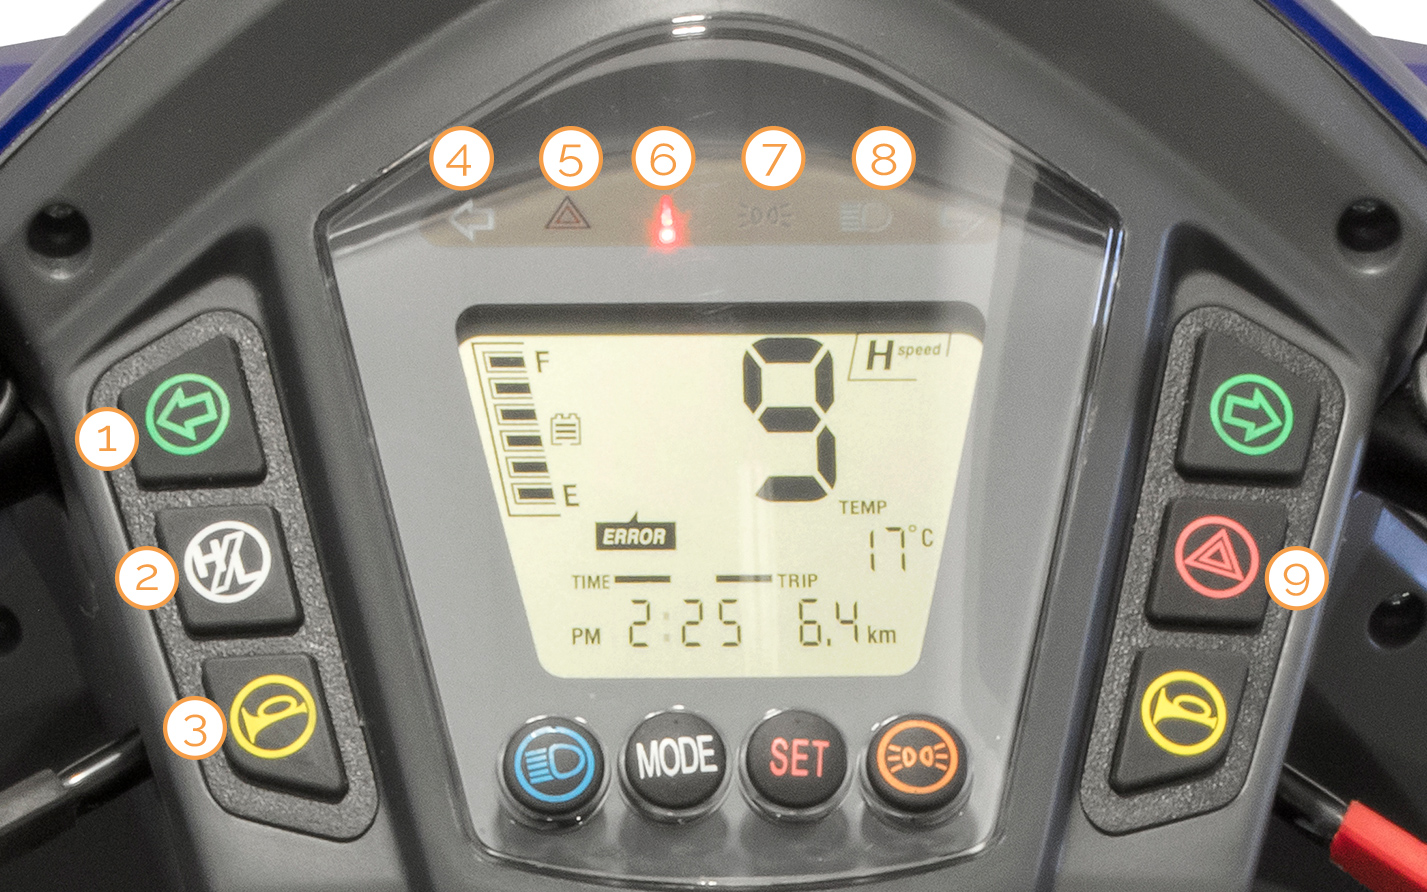 Schalter am digitalen Tacho des Nova Motors Vita erklärt